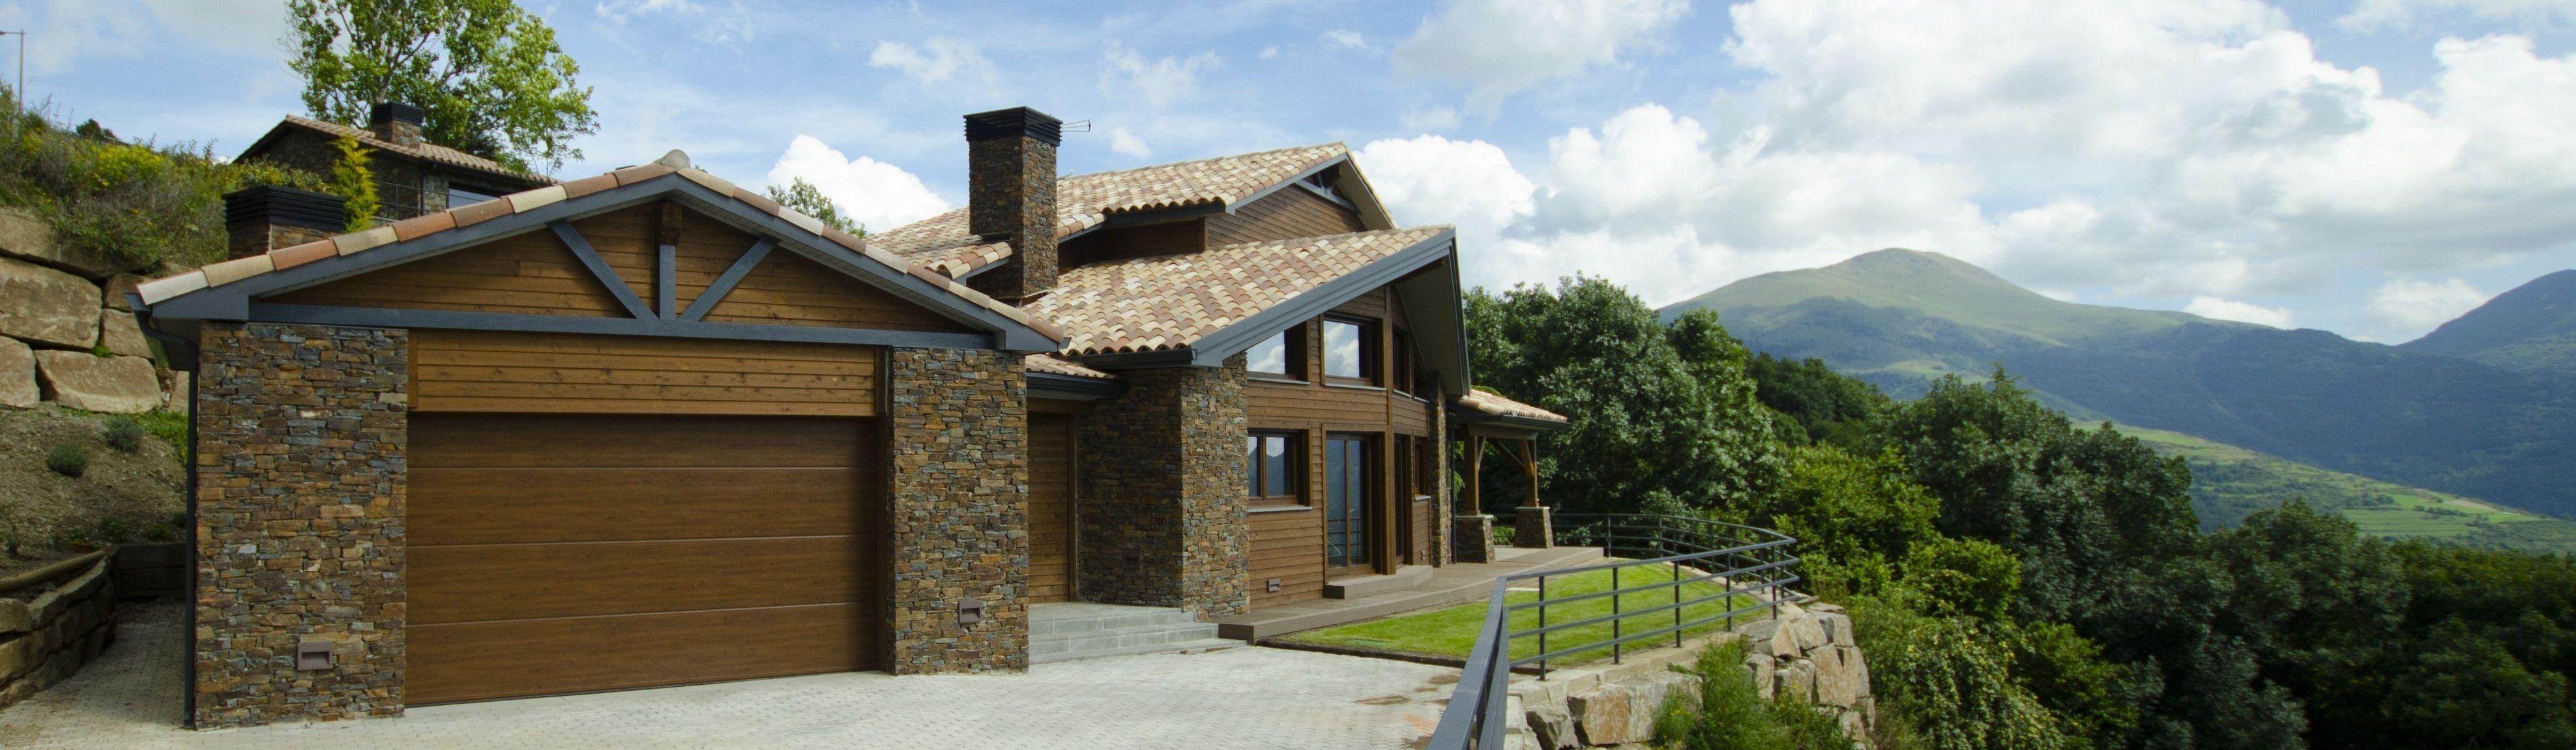 Casa r stica en el pirineo catal n de canexel homify - Casas rurales en el pirineo catalan ...